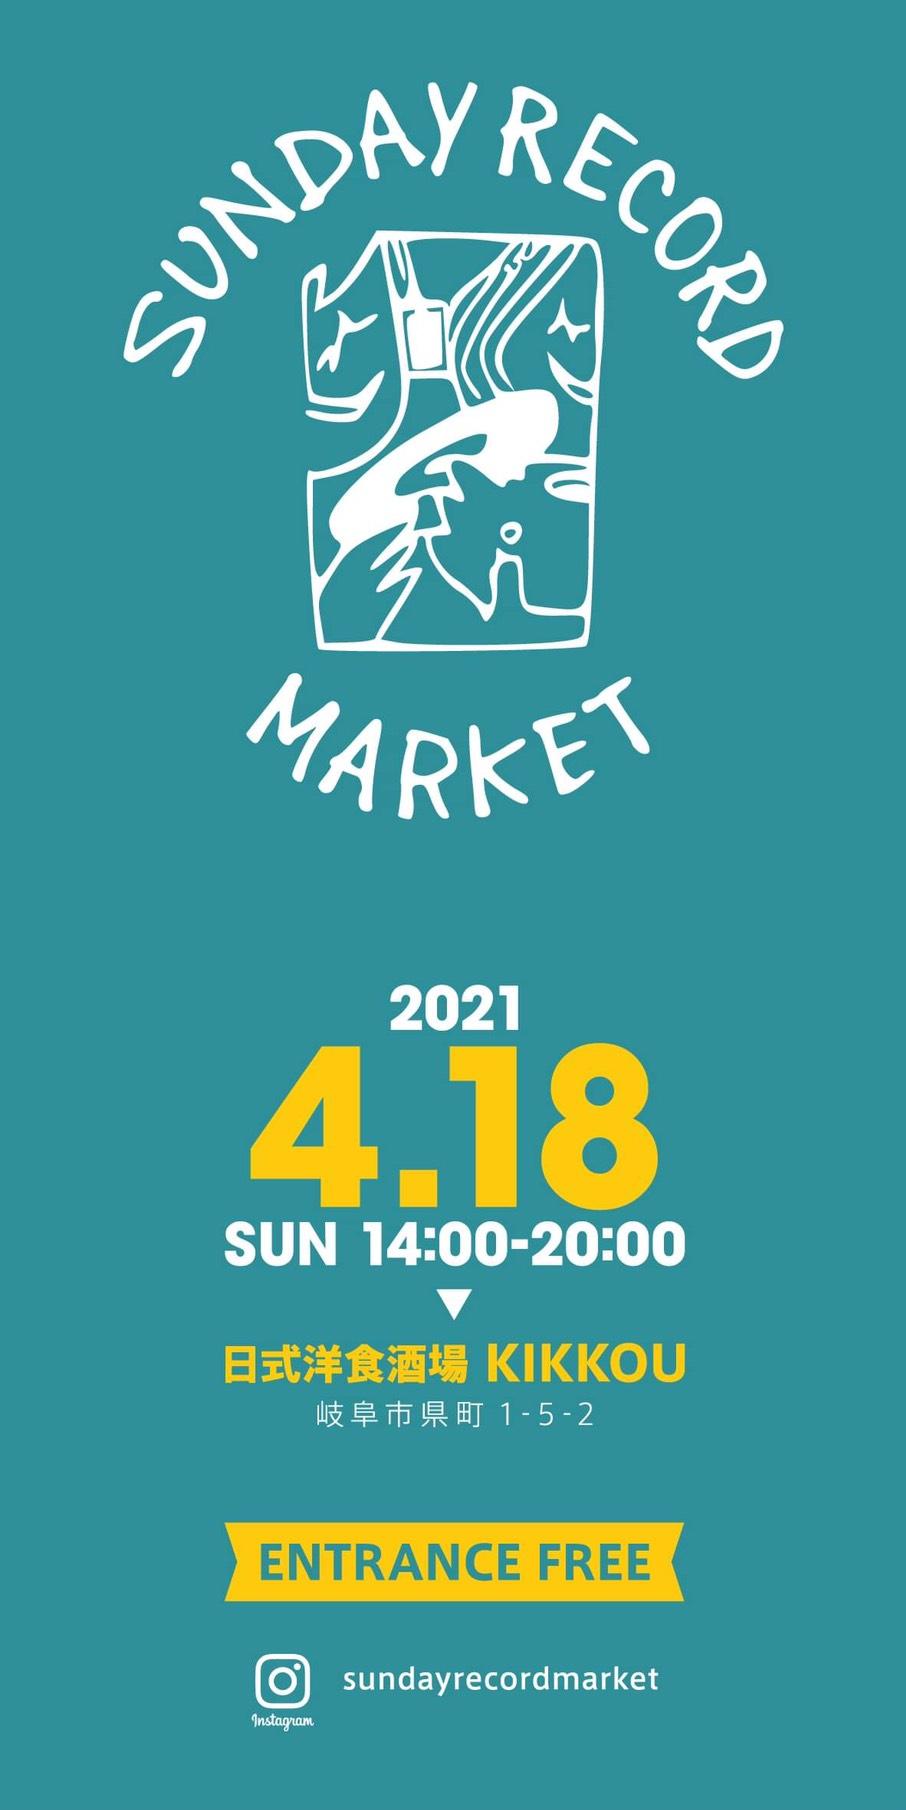 Sunday Record Market